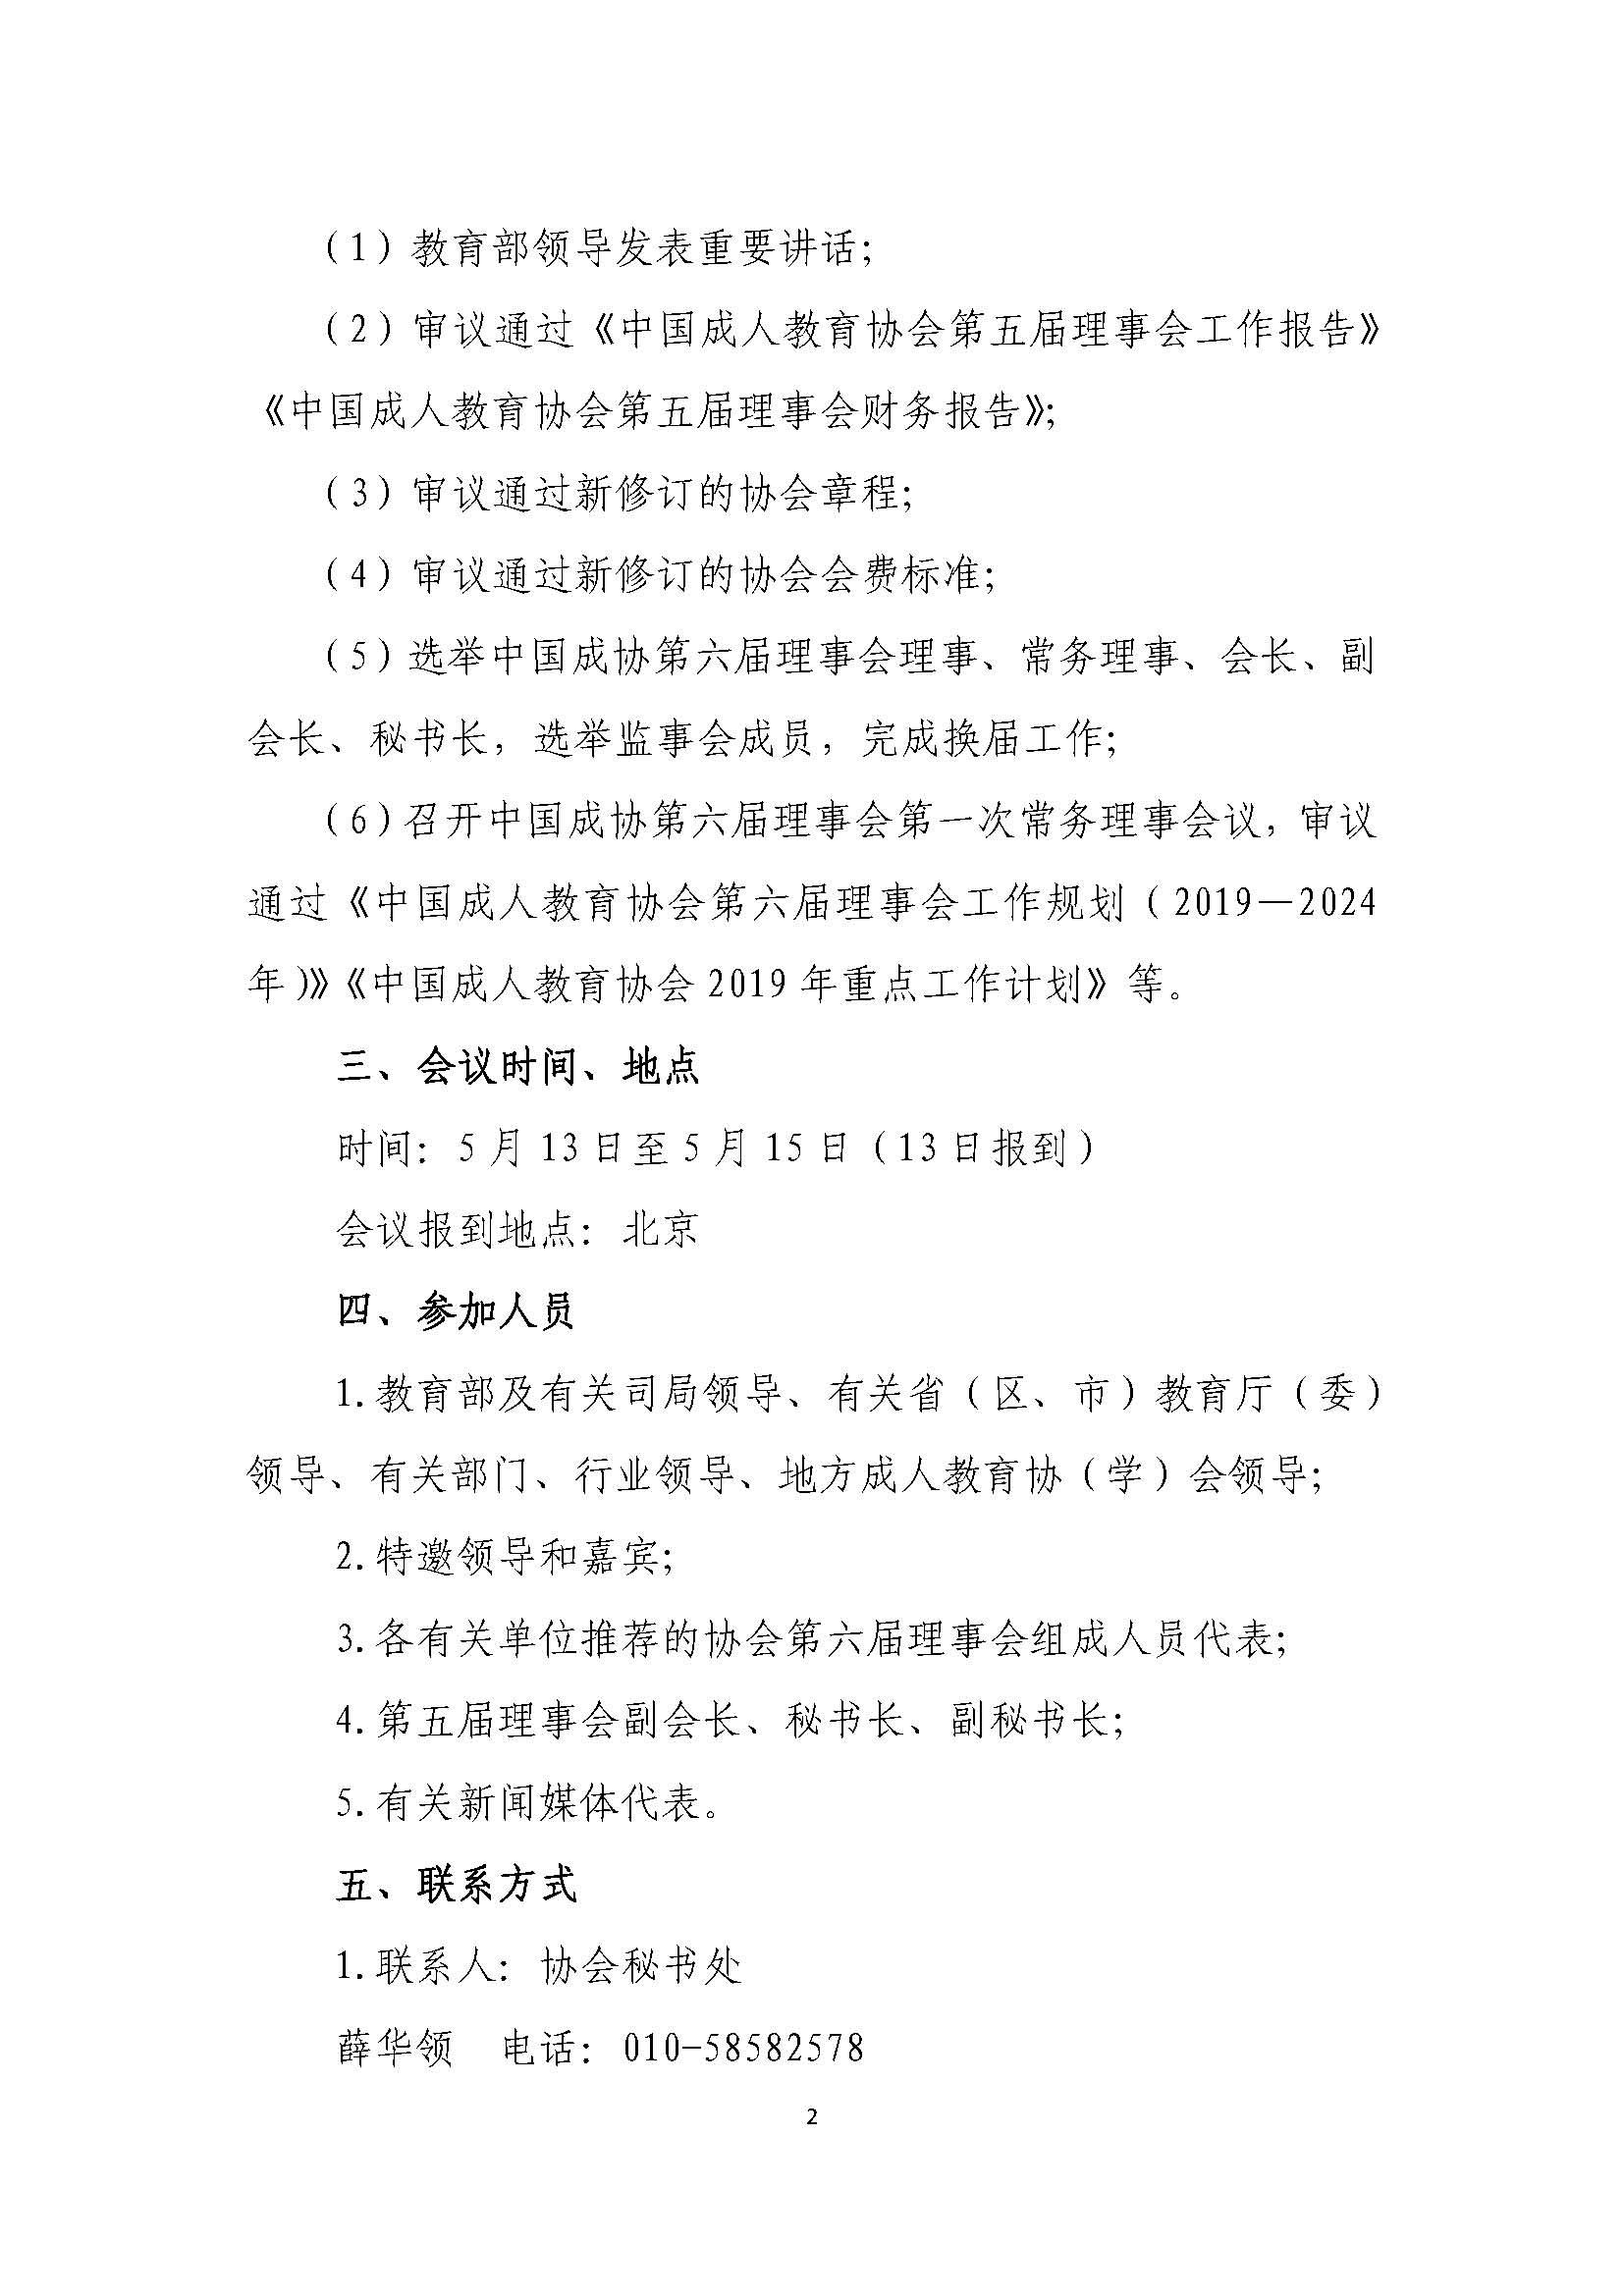 关于召开中国成人教育协会的预通知2